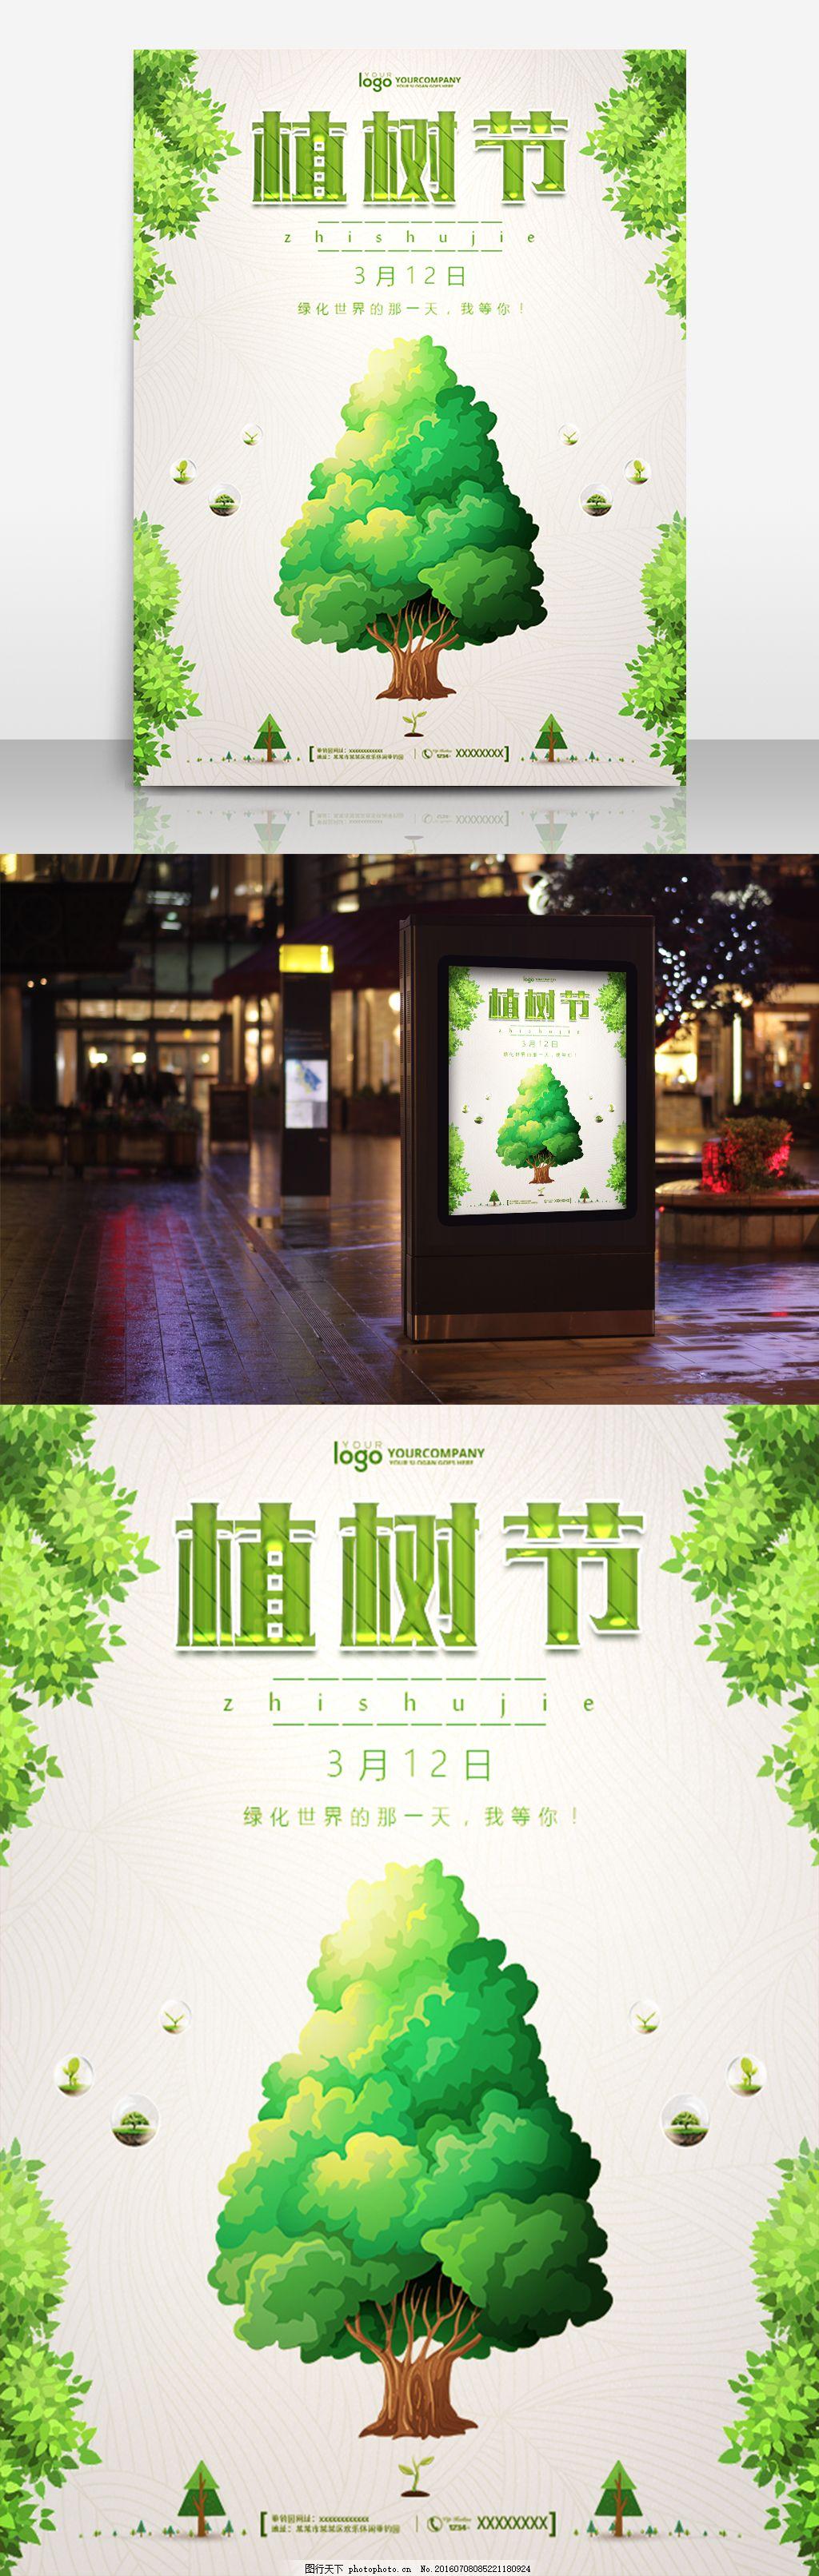 大树 高清 海报设计 蝴蝶 建筑 立体字 312植树节 种树 叶子 植树节